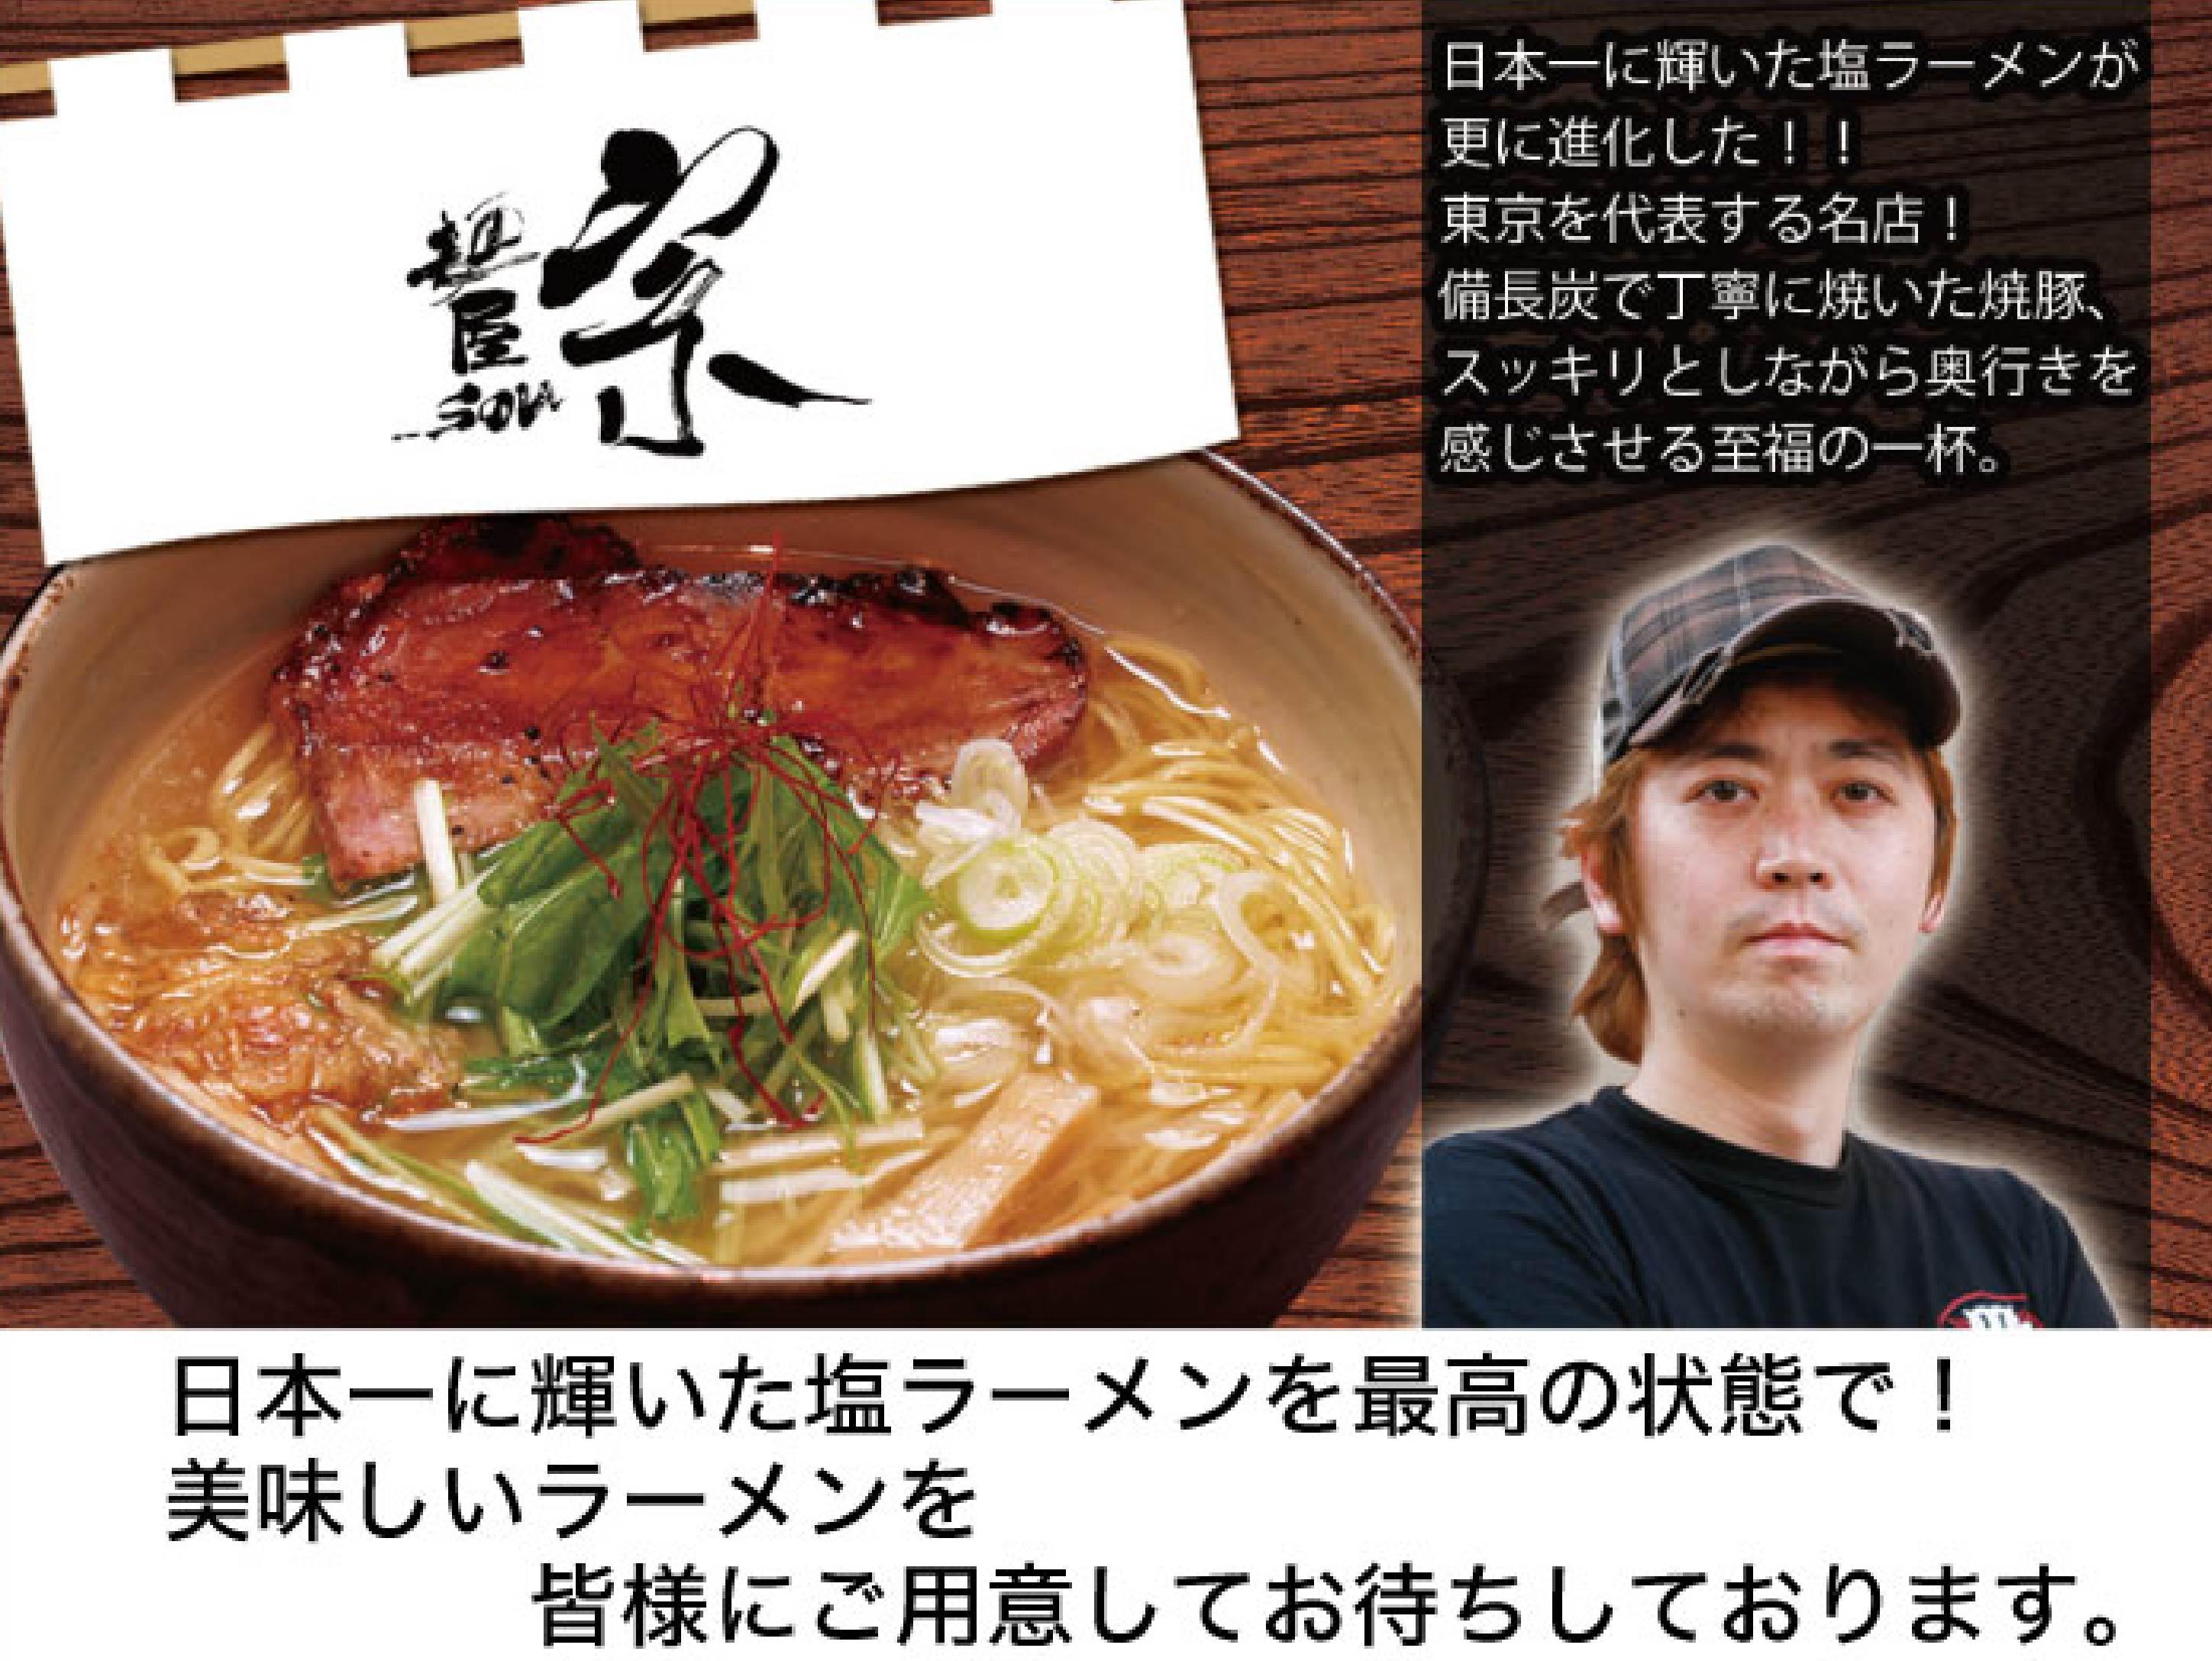 tenpo_c-01